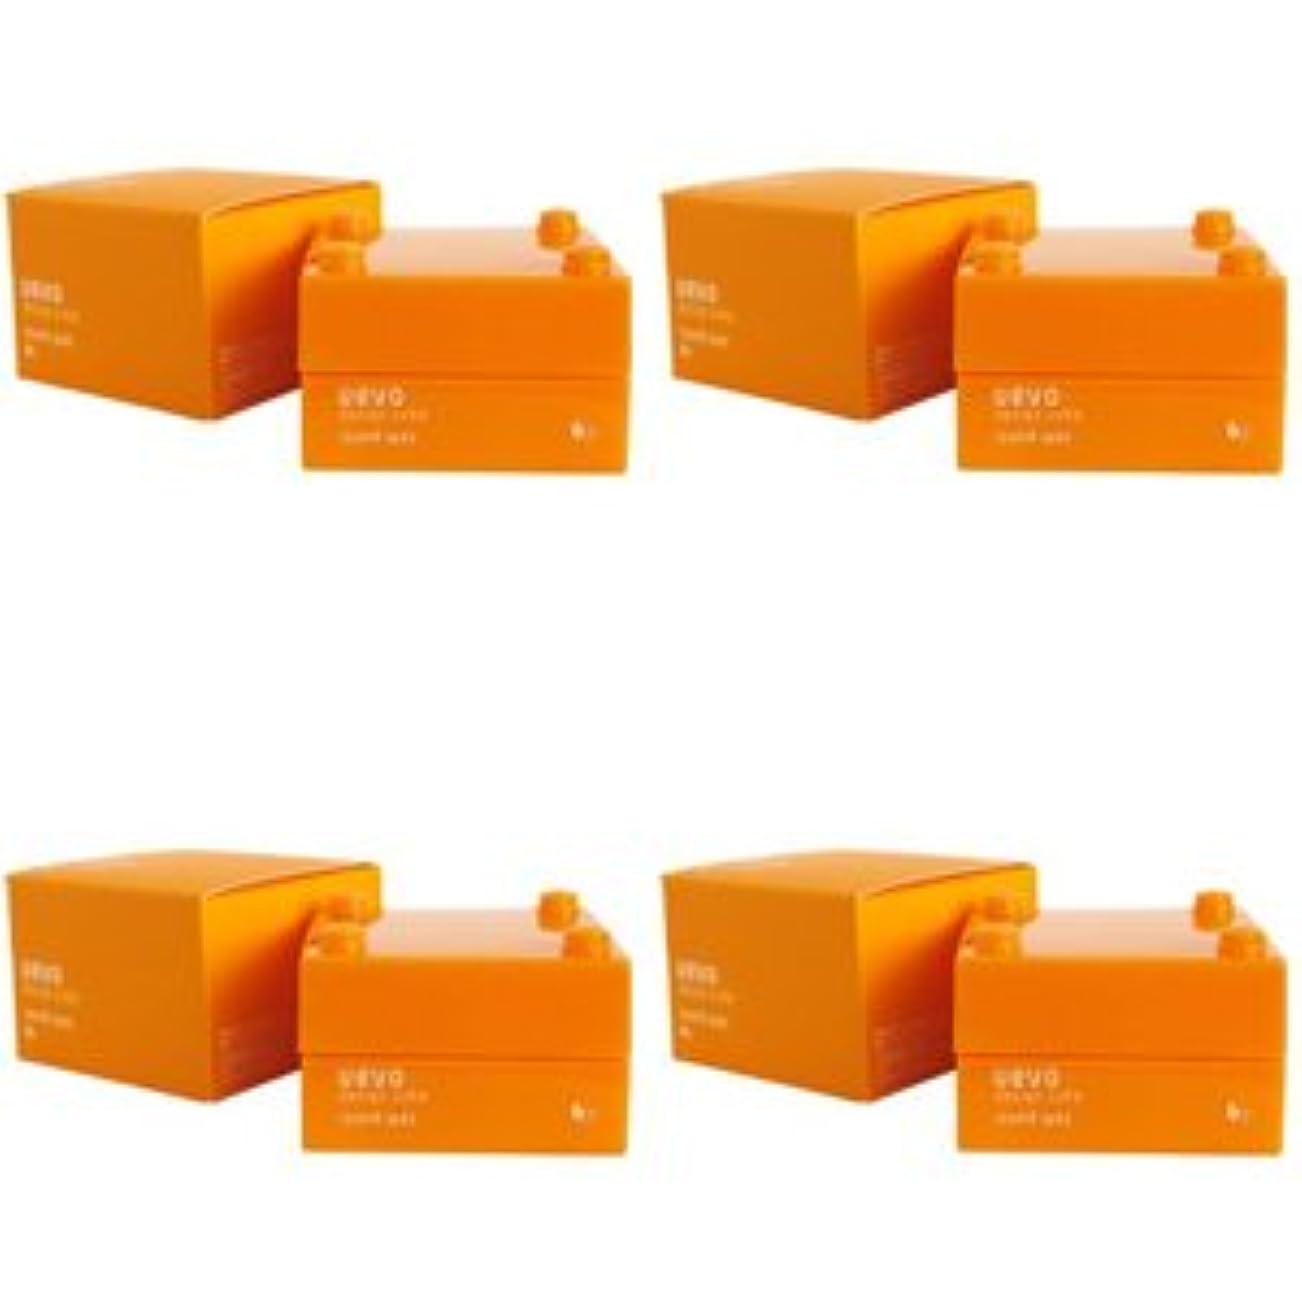 モナリザ故意のマンハッタン【X4個セット】 デミ ウェーボ デザインキューブ ラウンドワックス 30g round wax DEMI uevo design cube